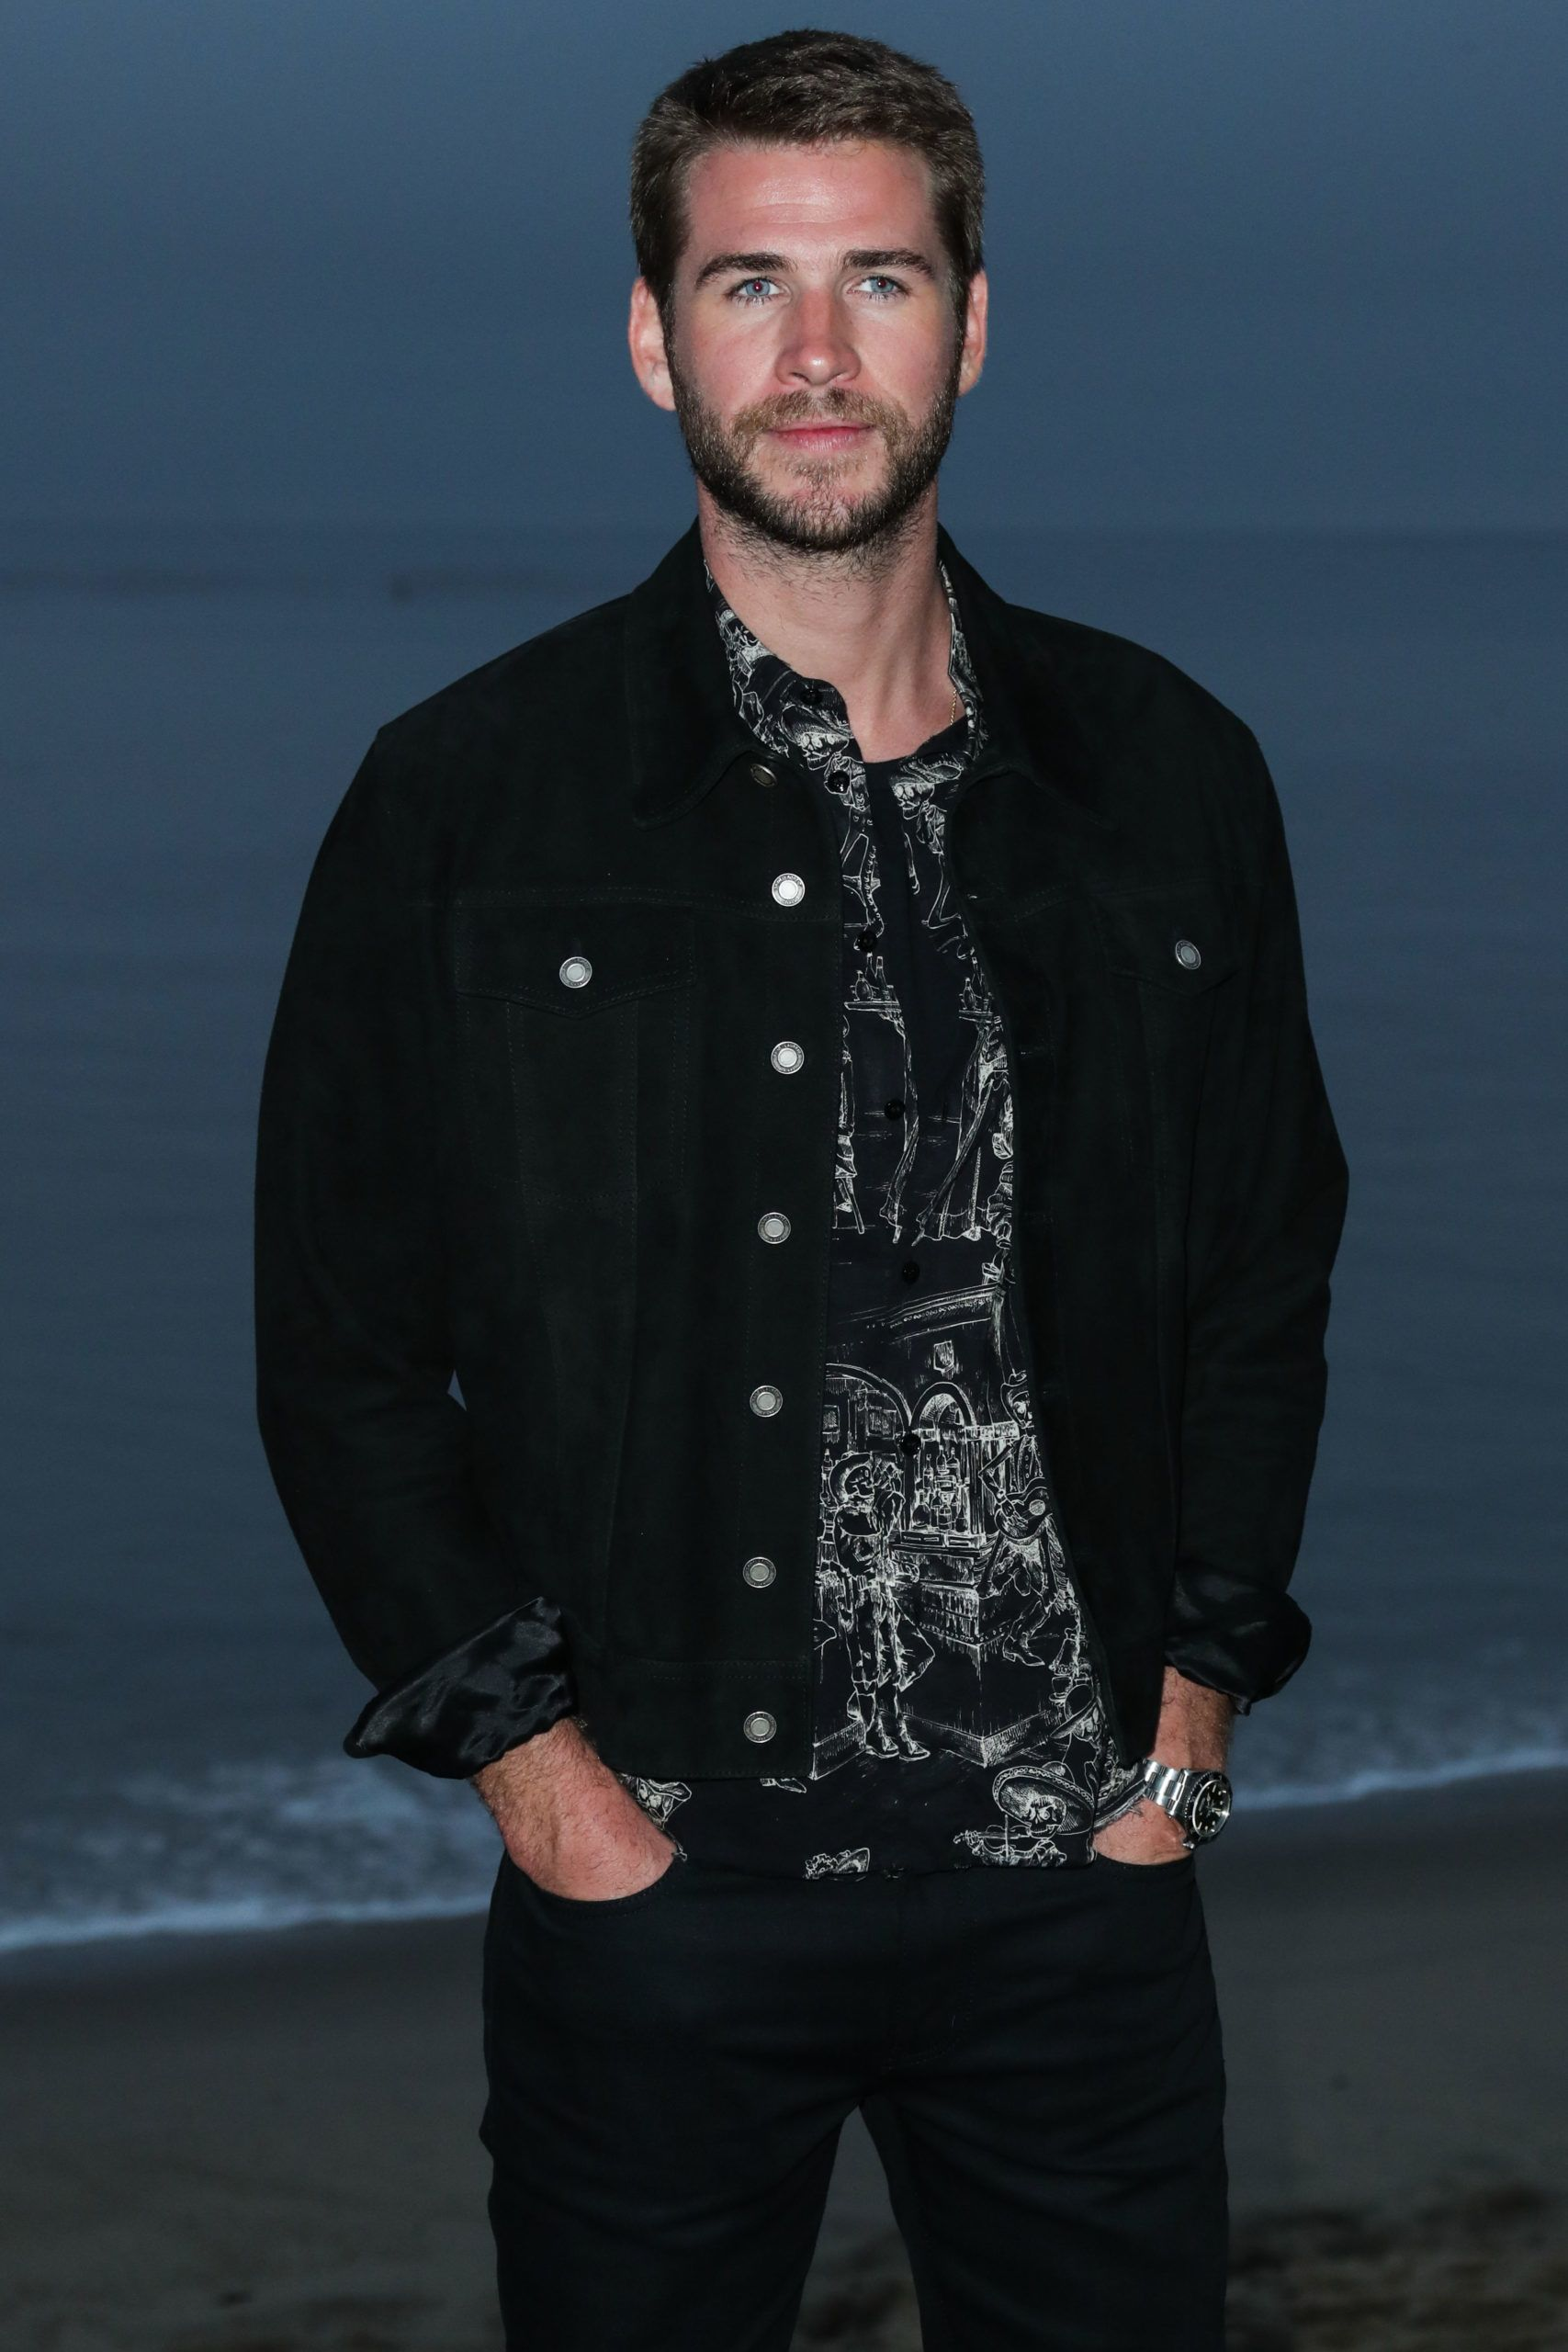 Szép vagy, Liam, de a tesód Chris még szebb (fotó: Xavier Collin/Image Press Agency/NurPhoto)